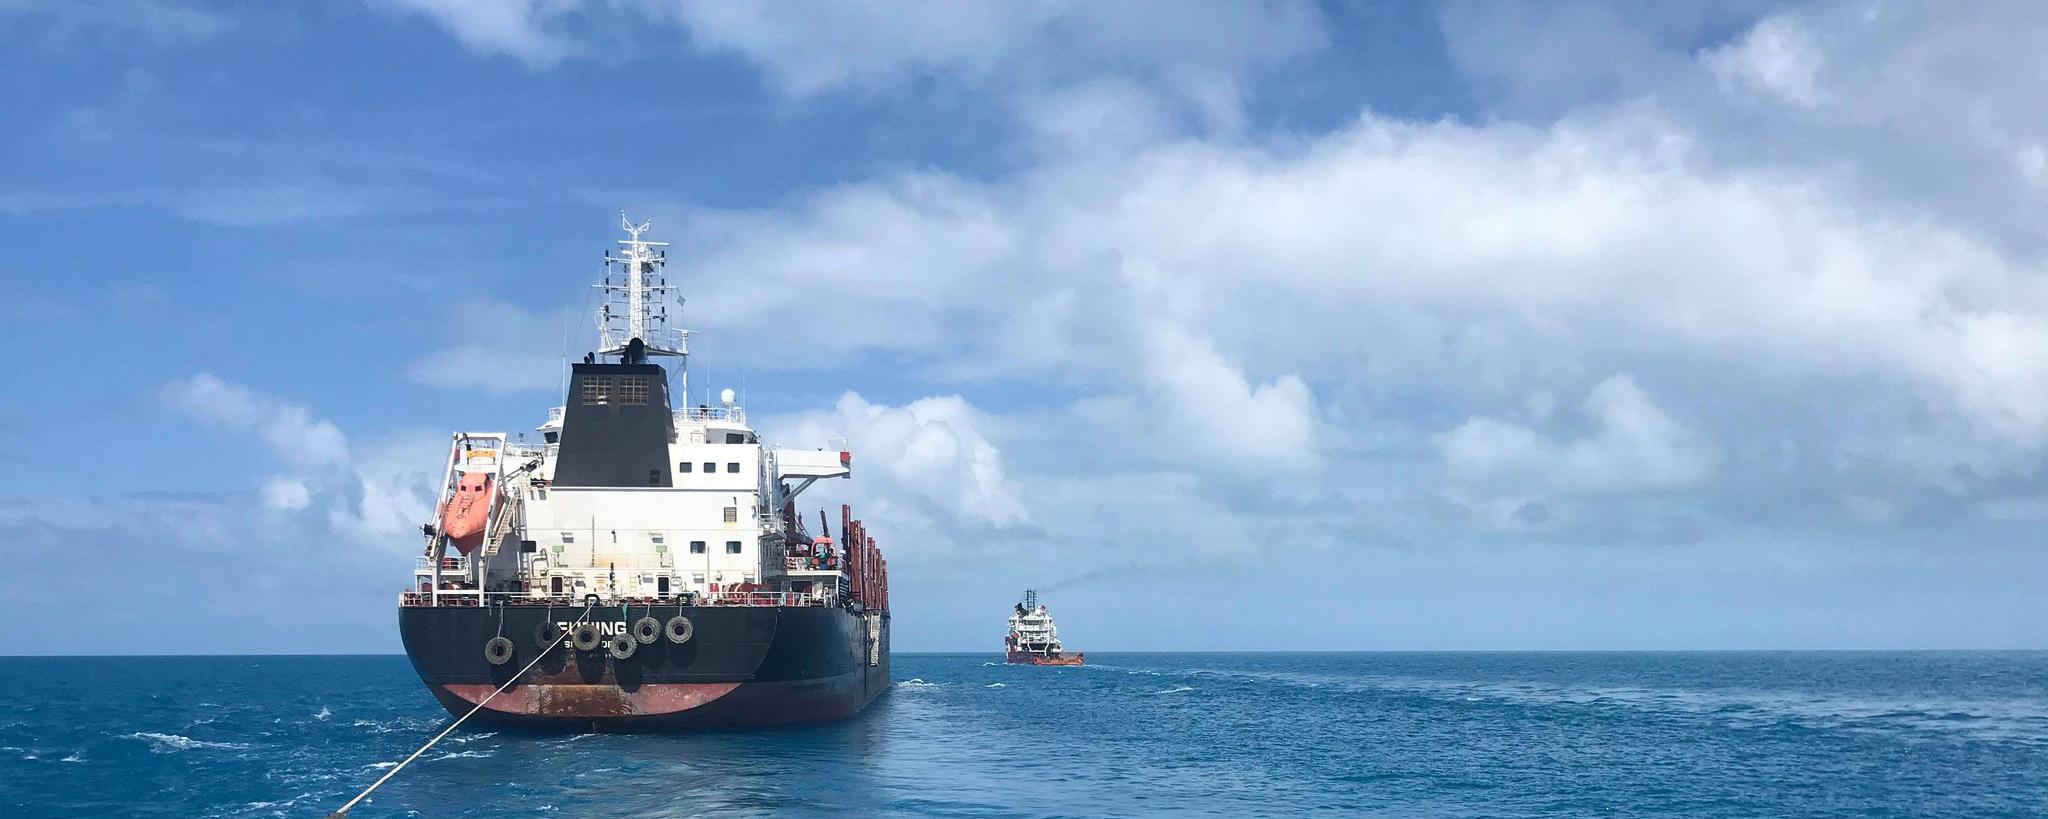 Crew Transfer Vessel & Ship Launch Service